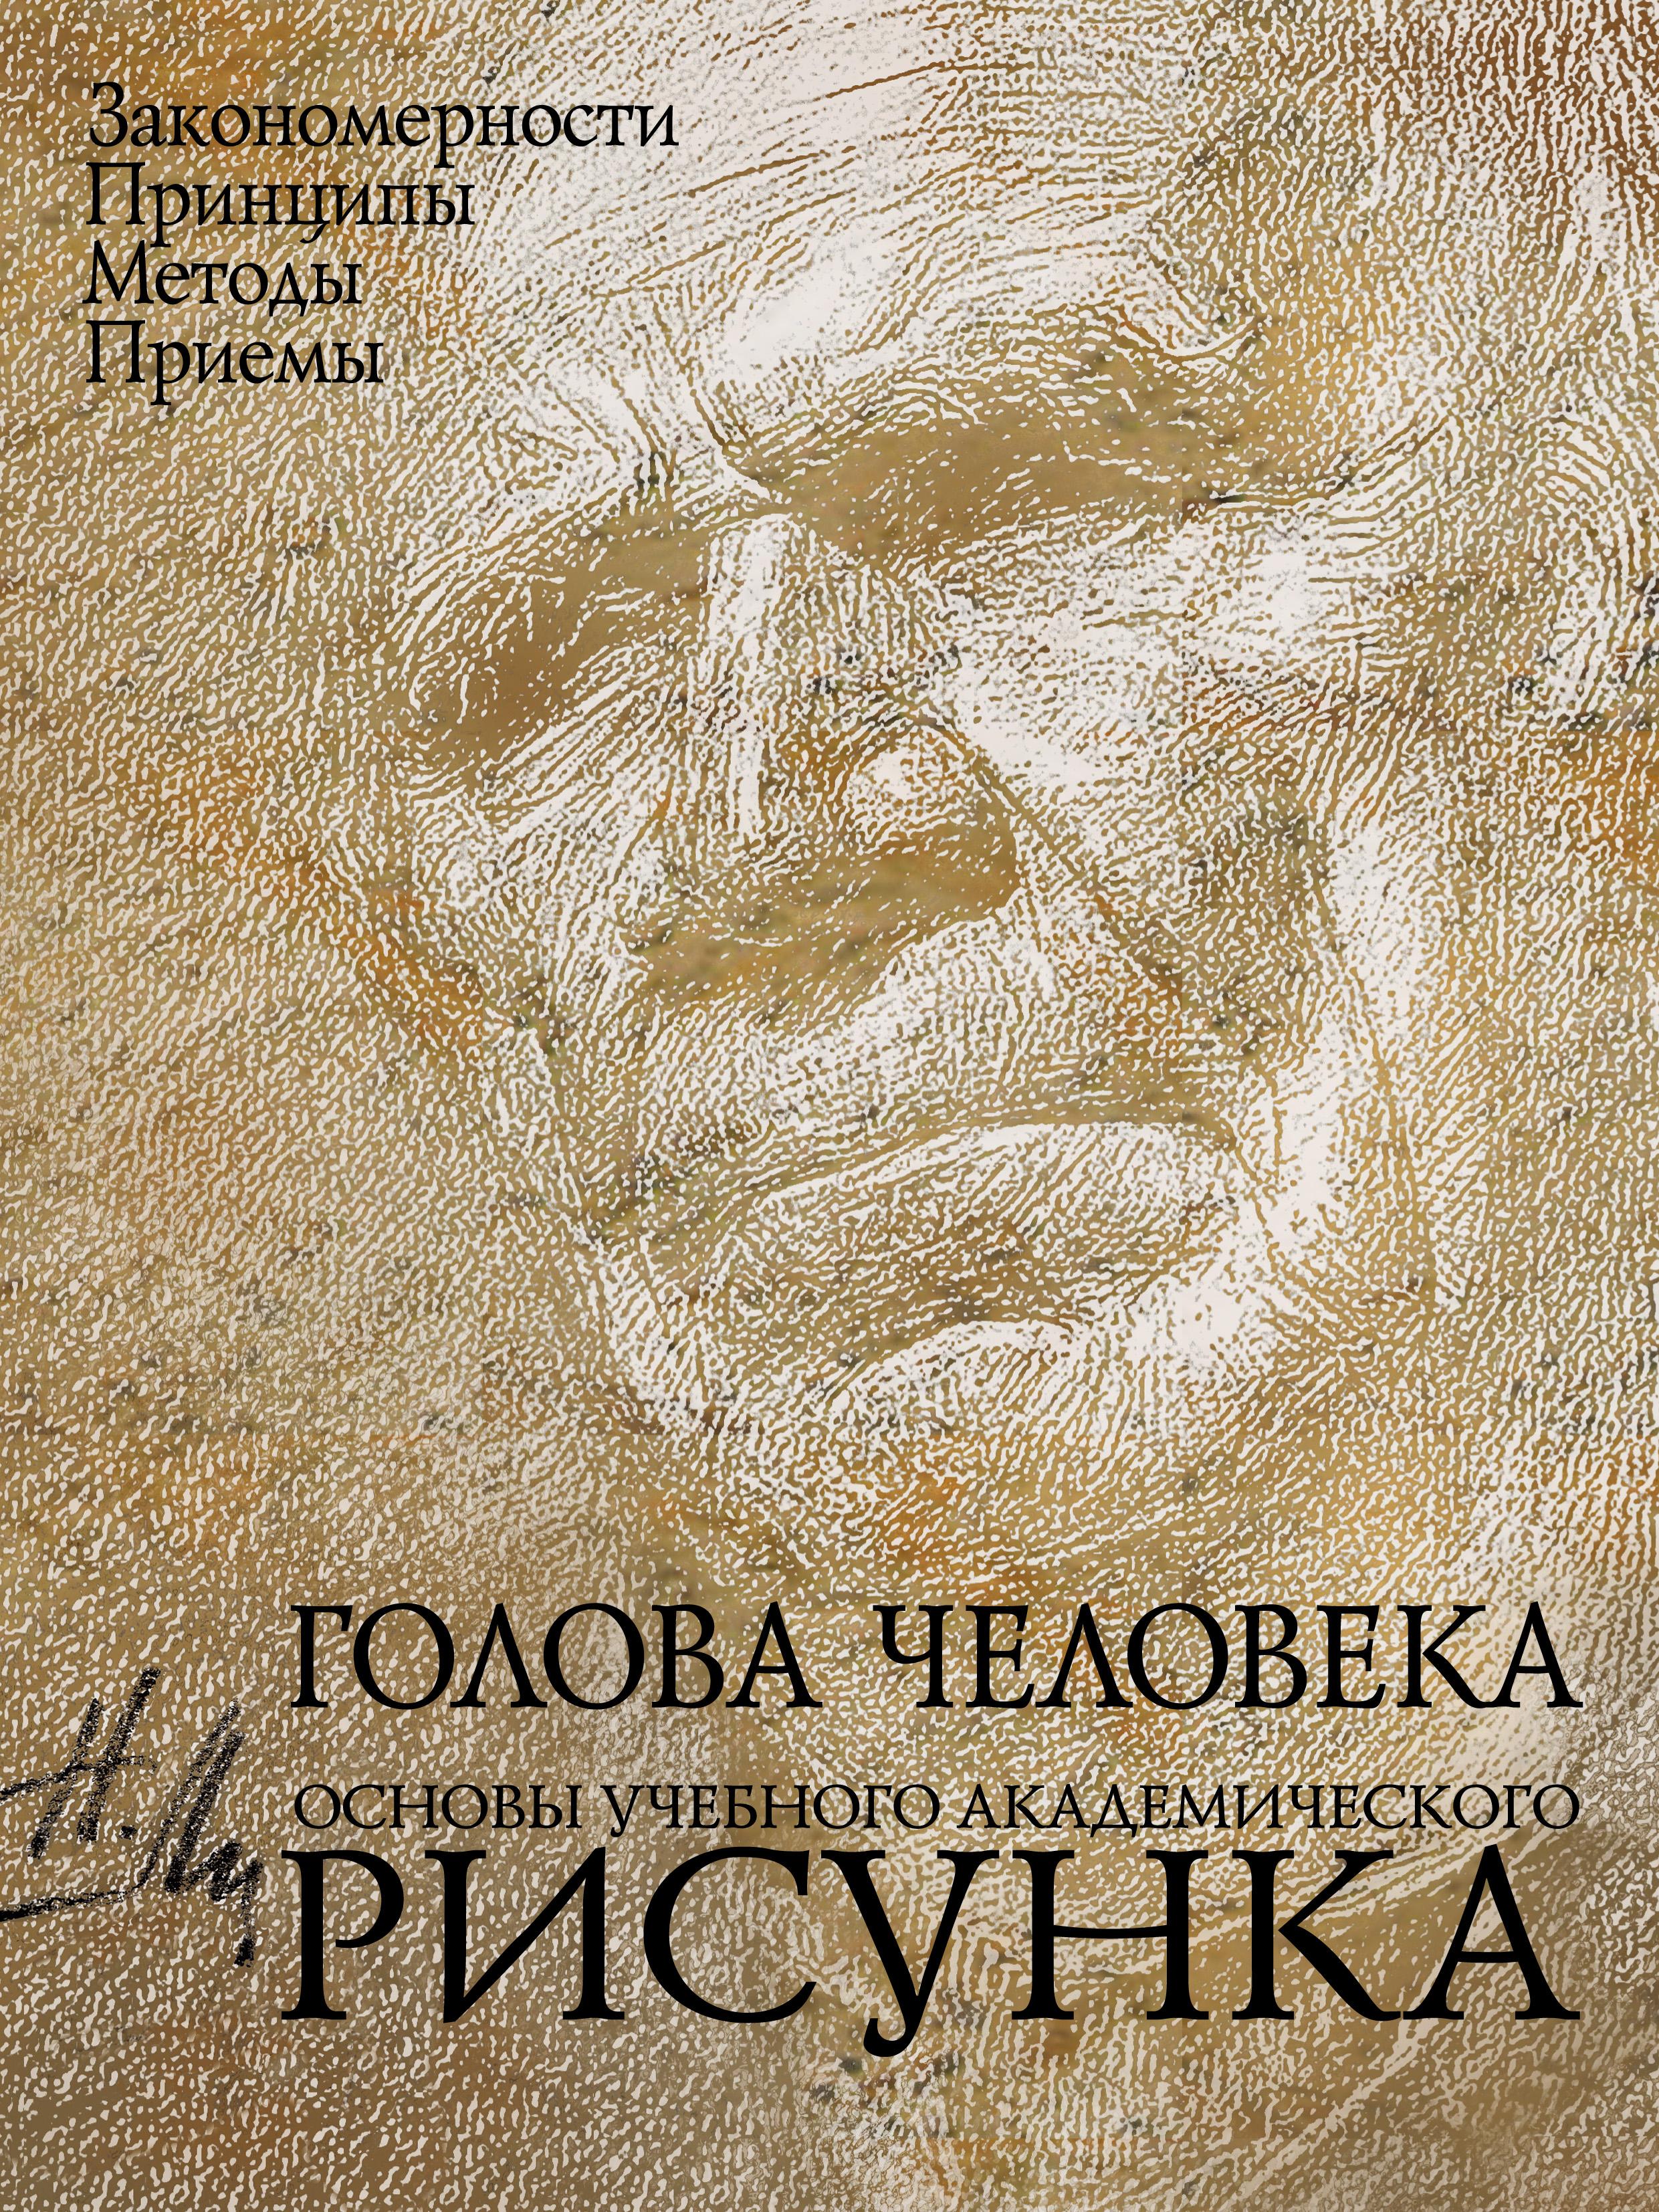 Николай Ли Голова человека. Основы учебного академического рисунка готтфрид баммес изображение человека основы рисунка с натуры